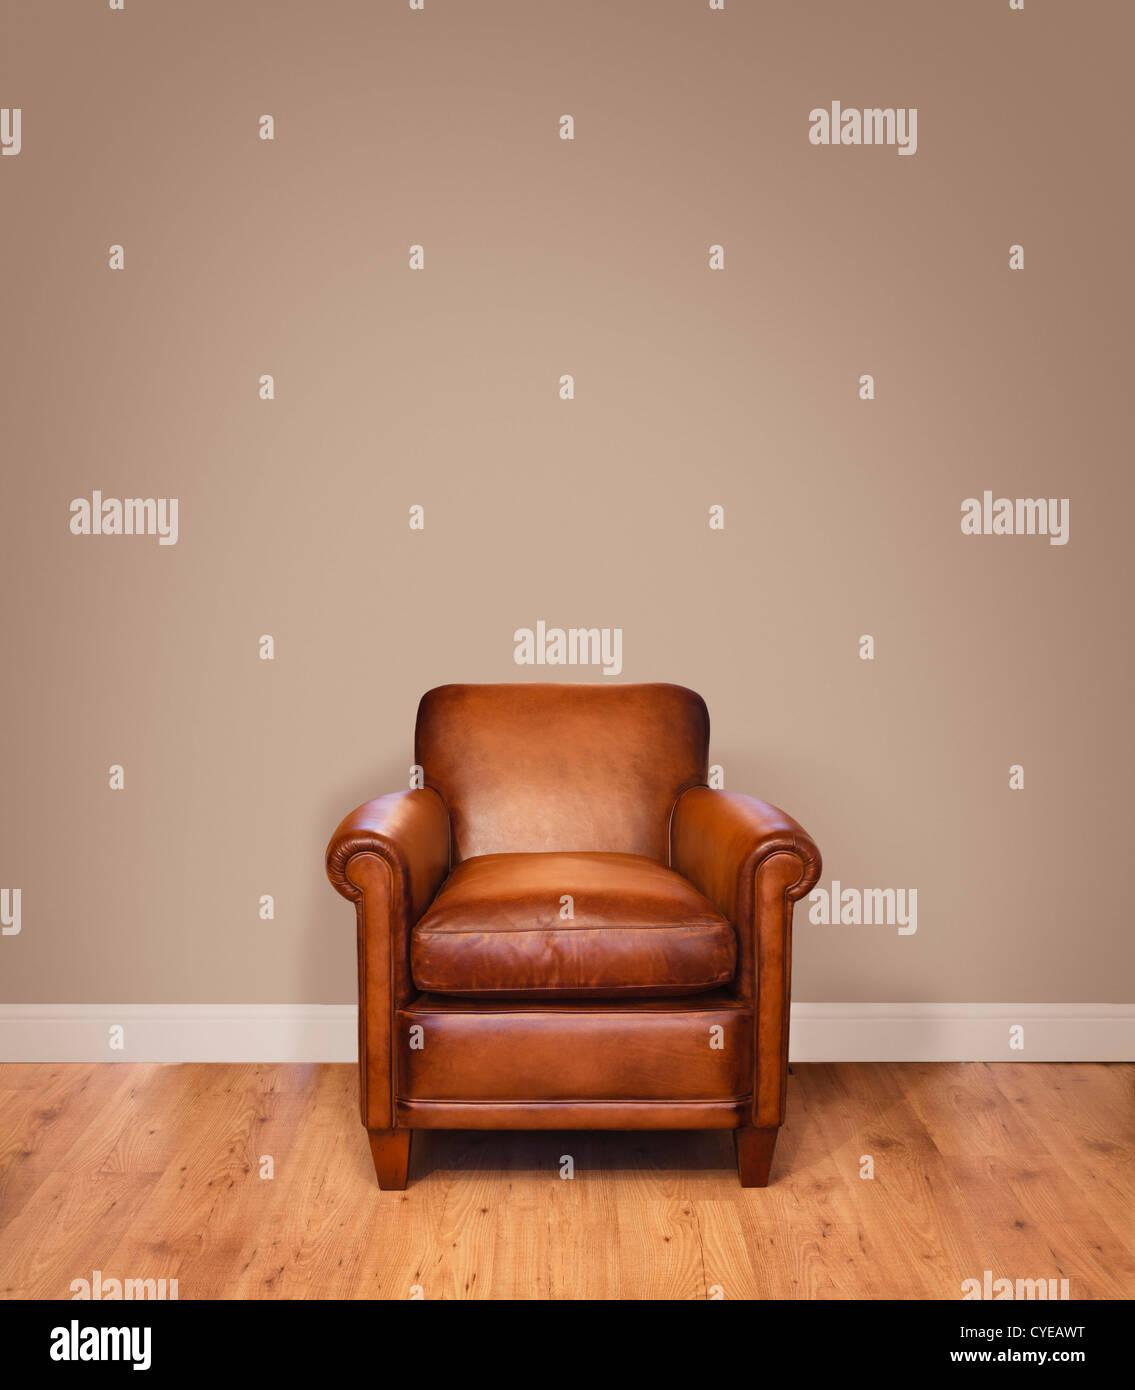 Poltrona in pelle su un pavimento di legno contro uno sfondo semplice parete con un sacco di copyspace. La parete Immagini Stock